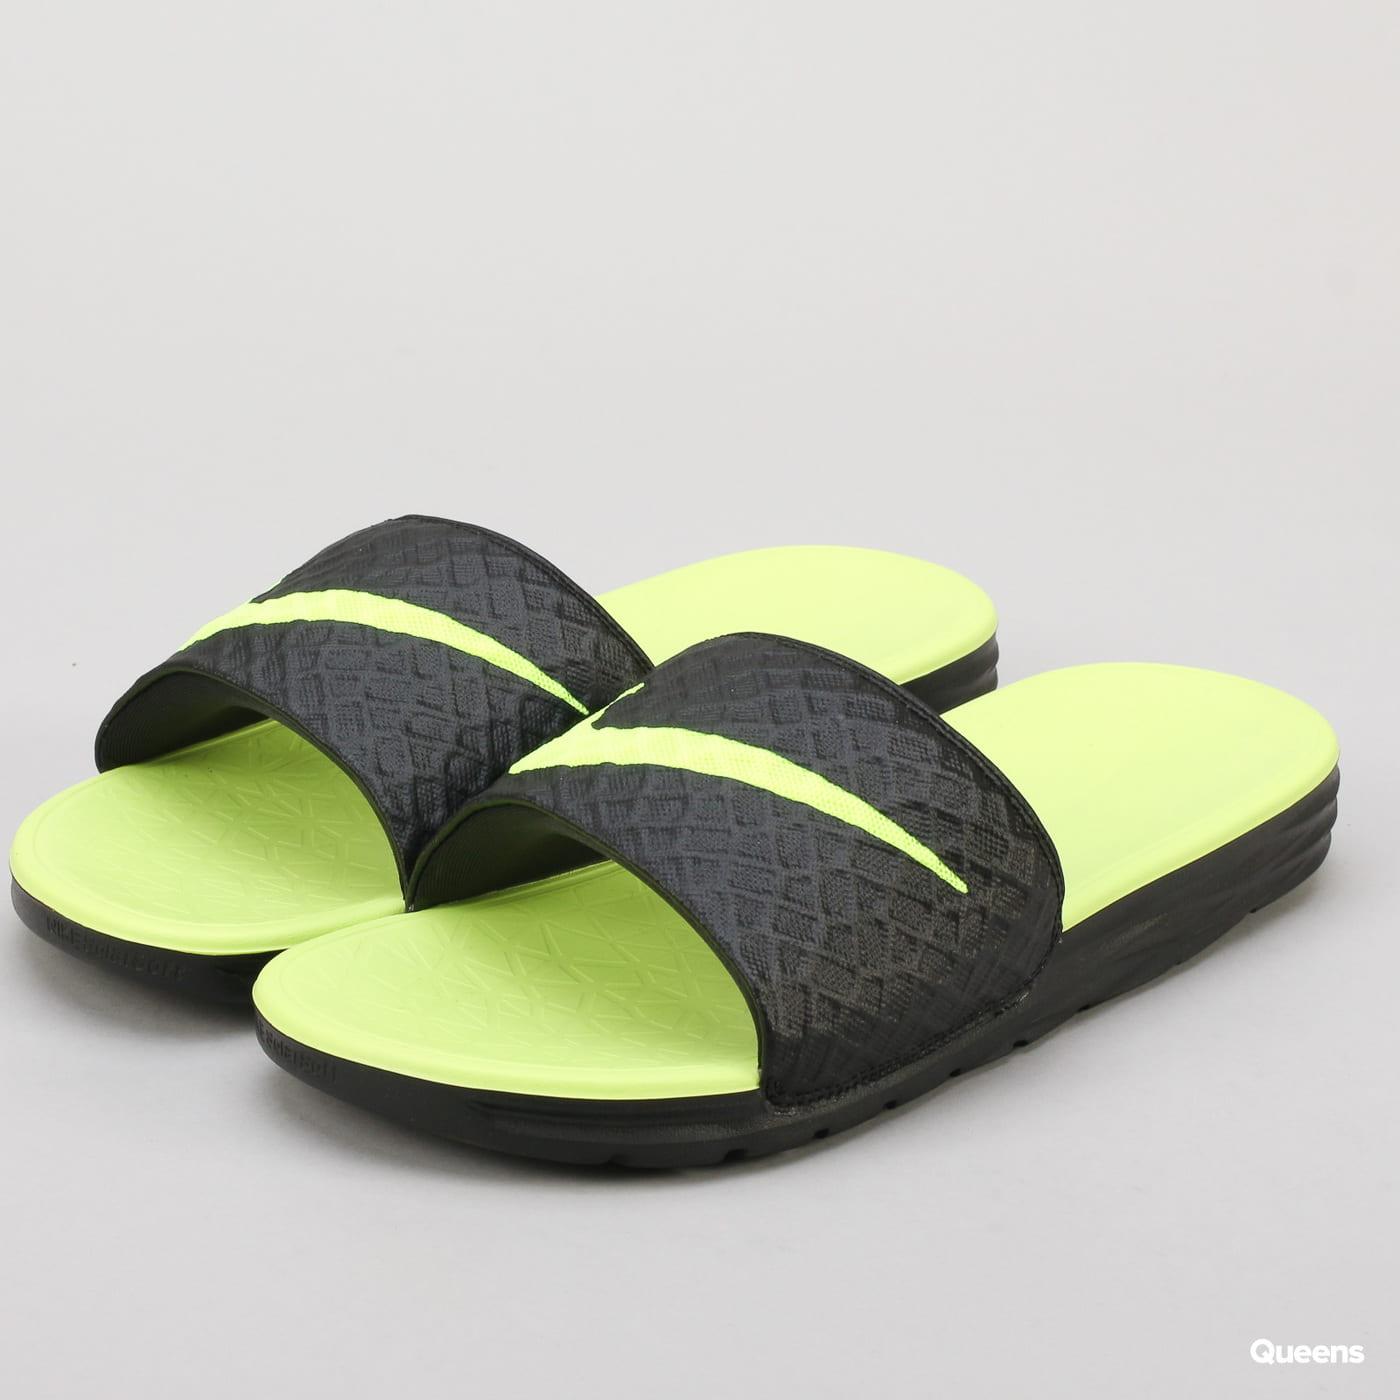 de77b7acd2b4 Nike Benassi Solarsoft (705474-070)– Queens 💚